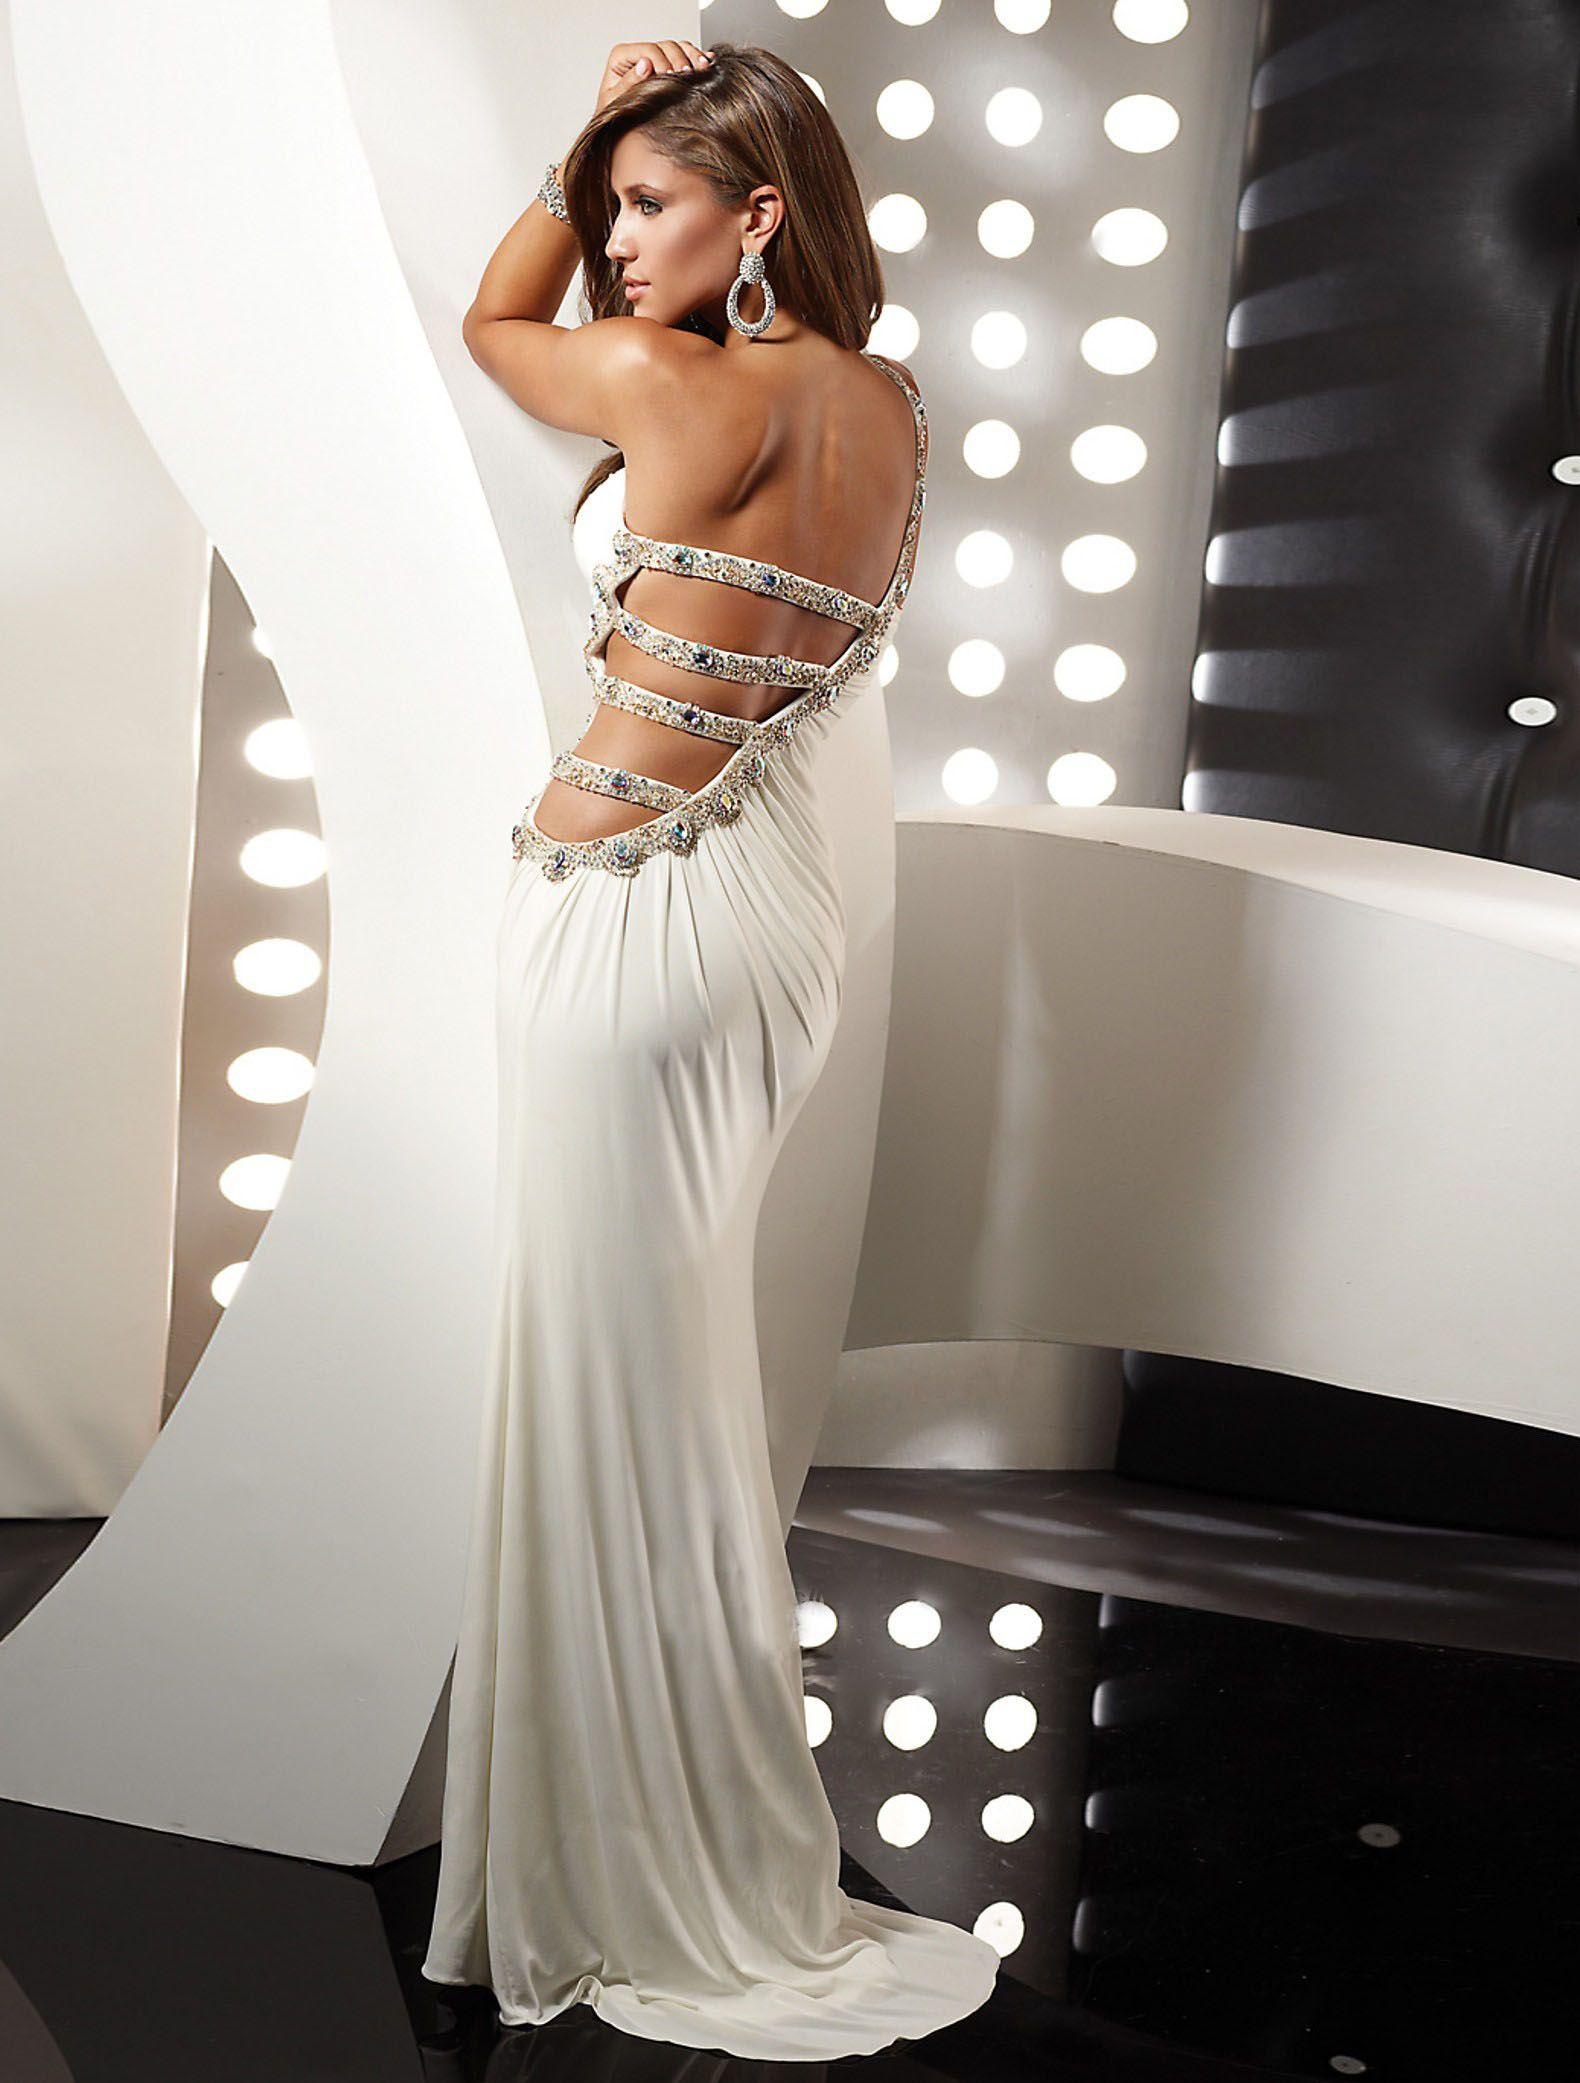 Sexy Wedding Dresses Part 2 -Longmeadow Wedding Venue | Sexy ...